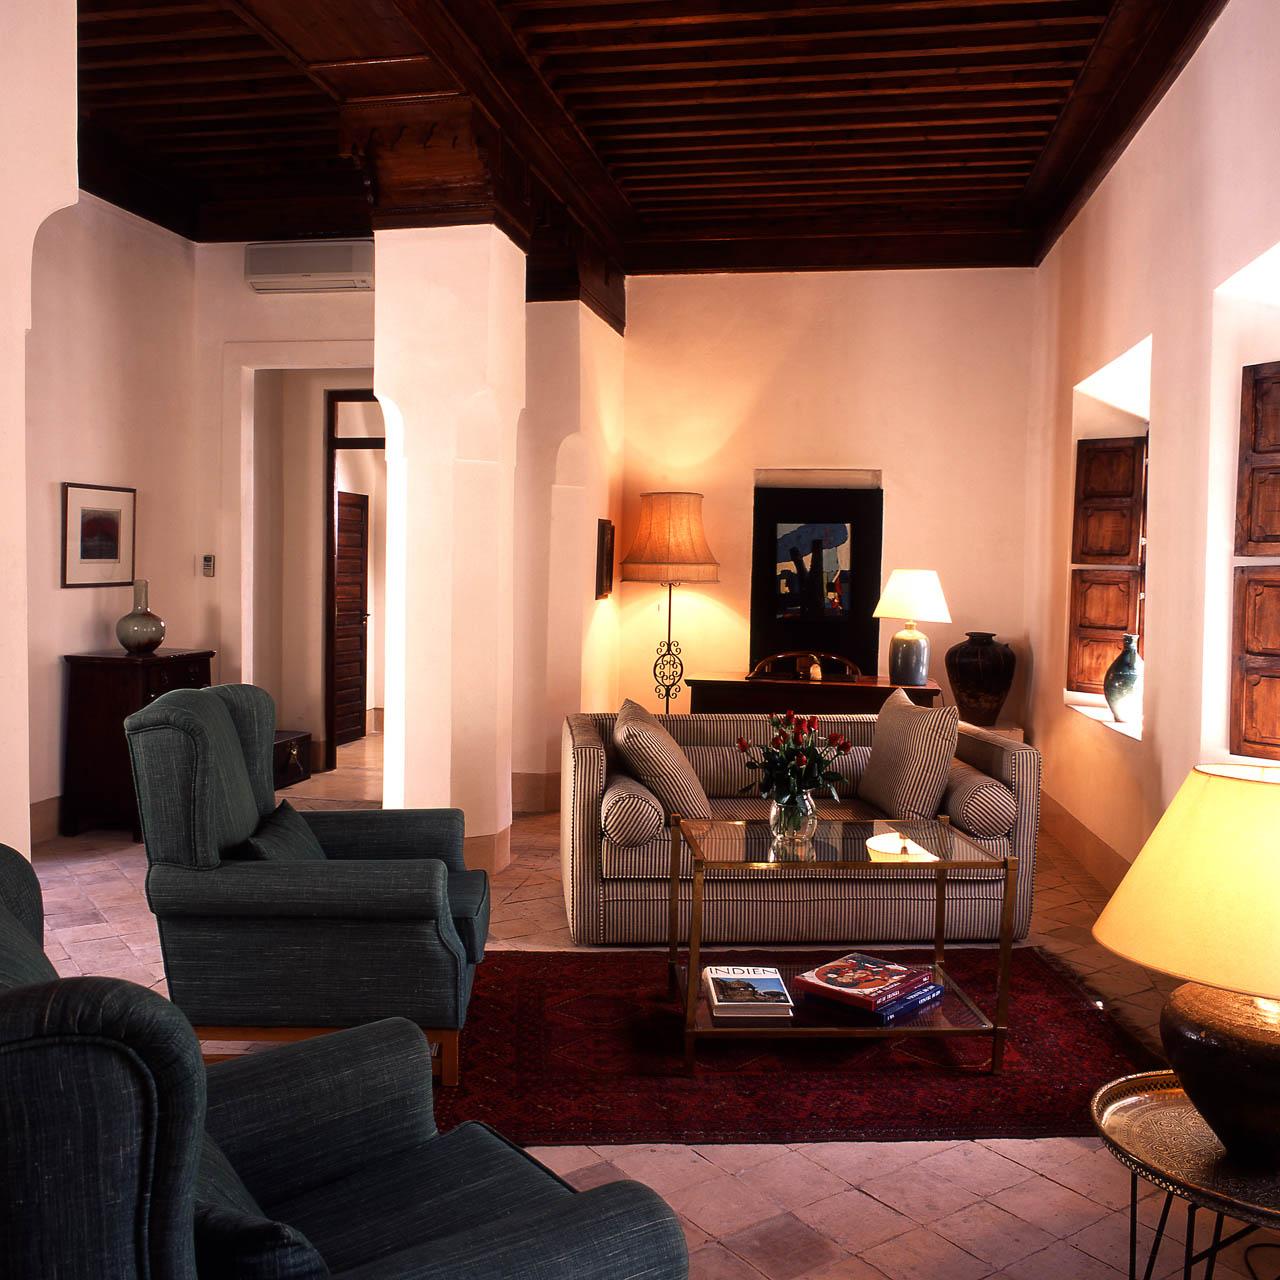 Palmen Suite - Salon mit Kamin und Bibliothek